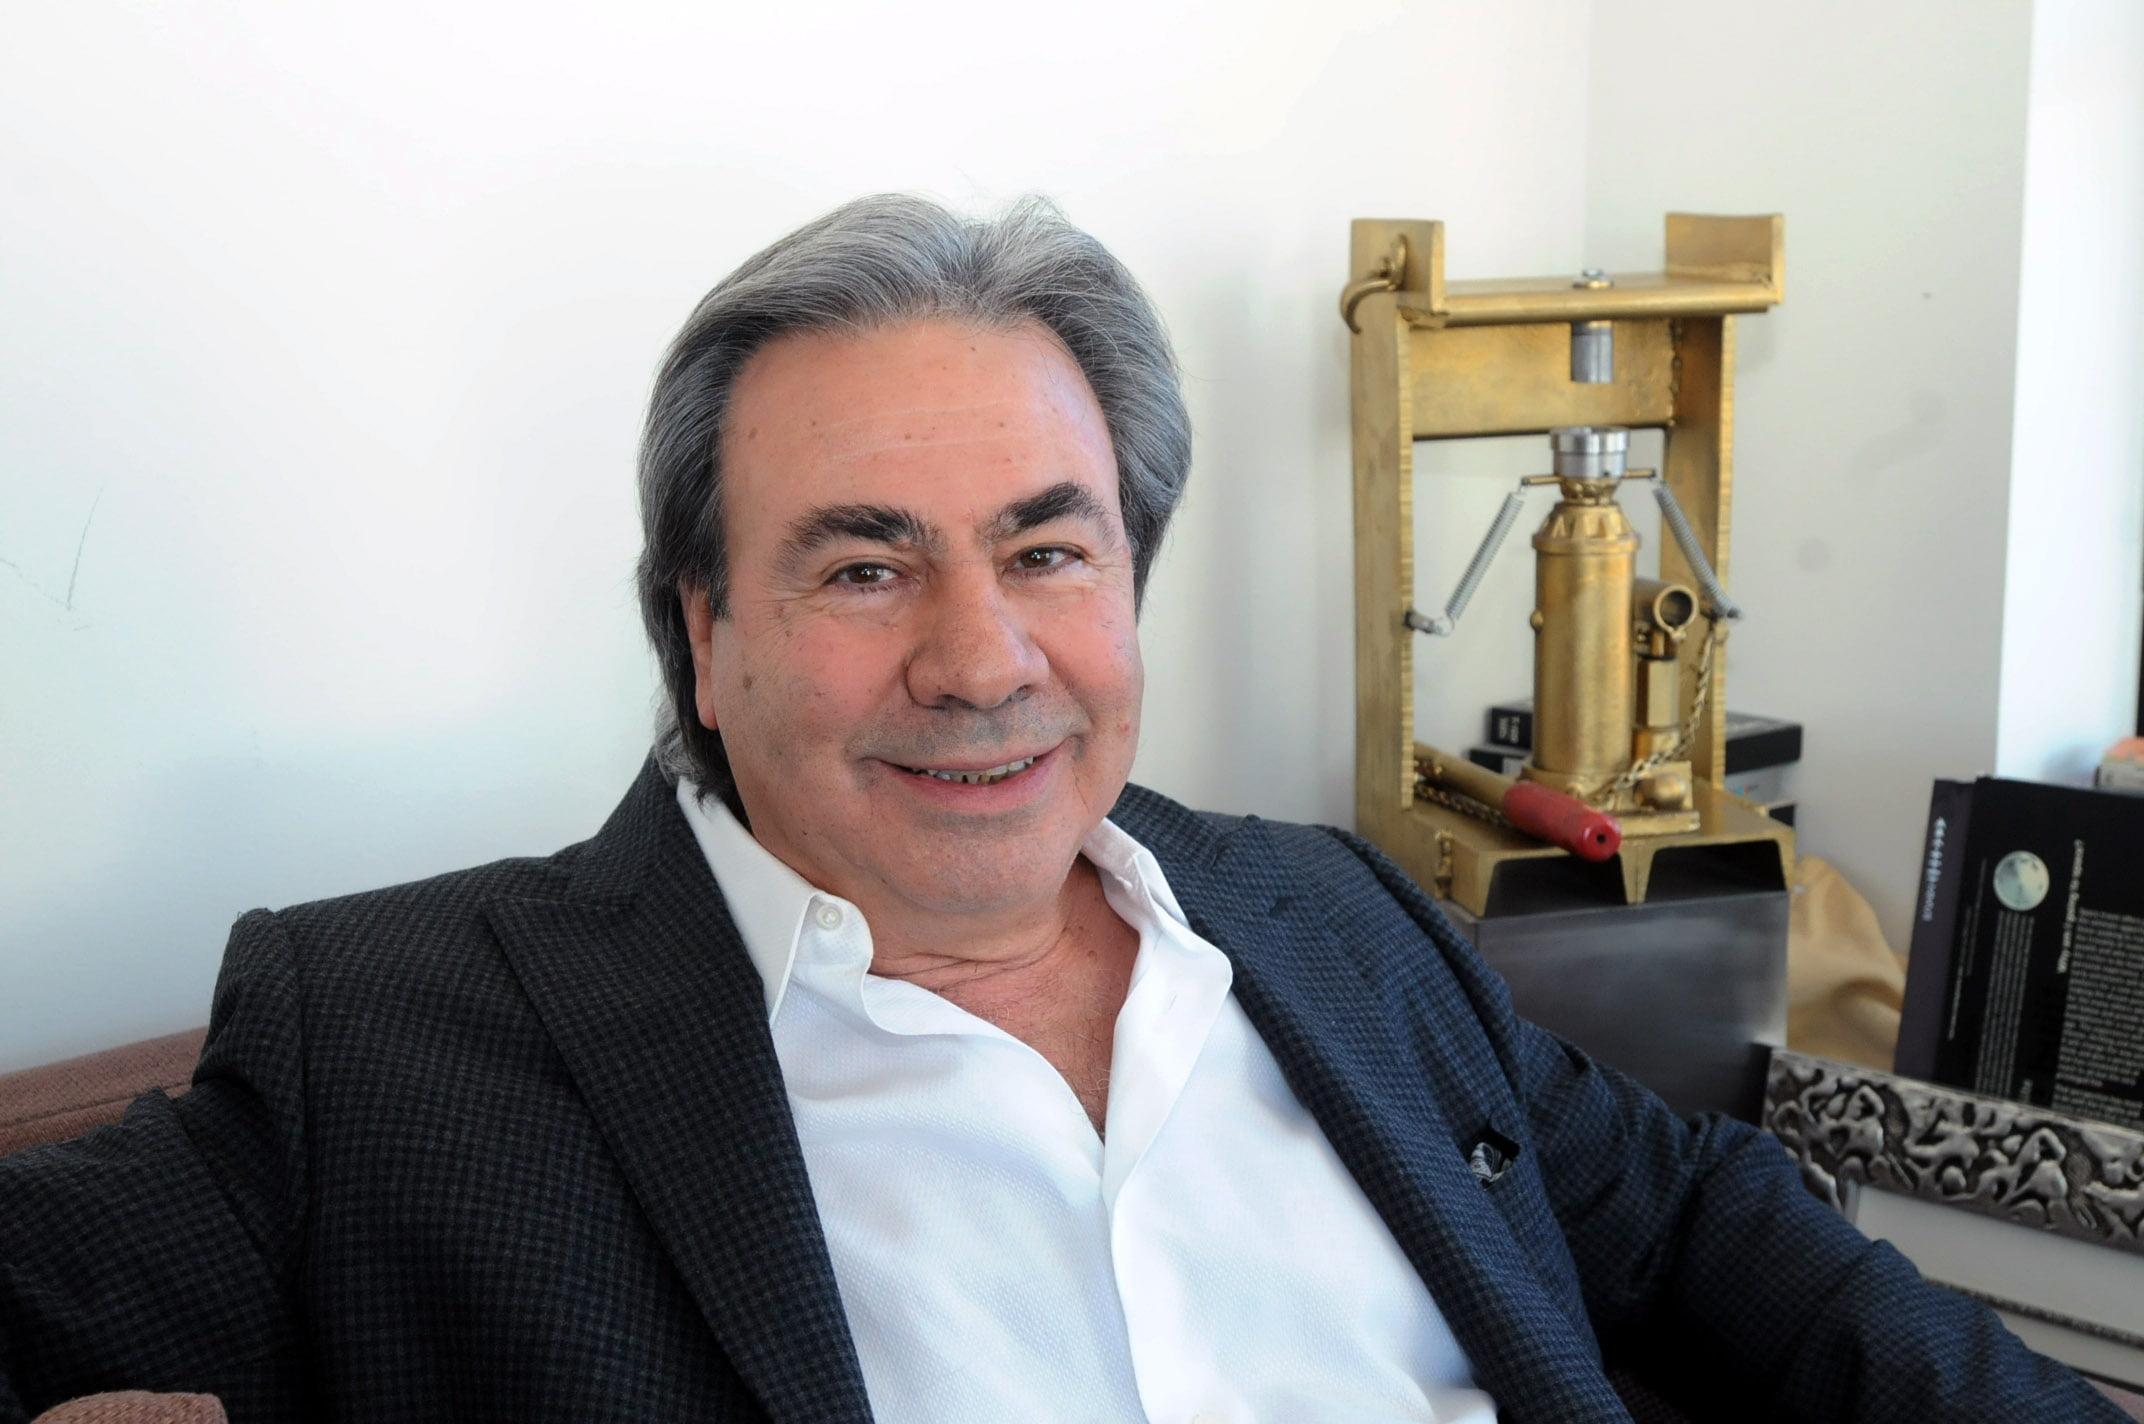 Ο αείμνηστος Νίκος Μούγιαρης – Οφείλουμε να απονείμουμε τα εύσημα σ' εκείνους που έπαιξαν ρόλο στην επιβολή κυρώσεων στην Τουρκία